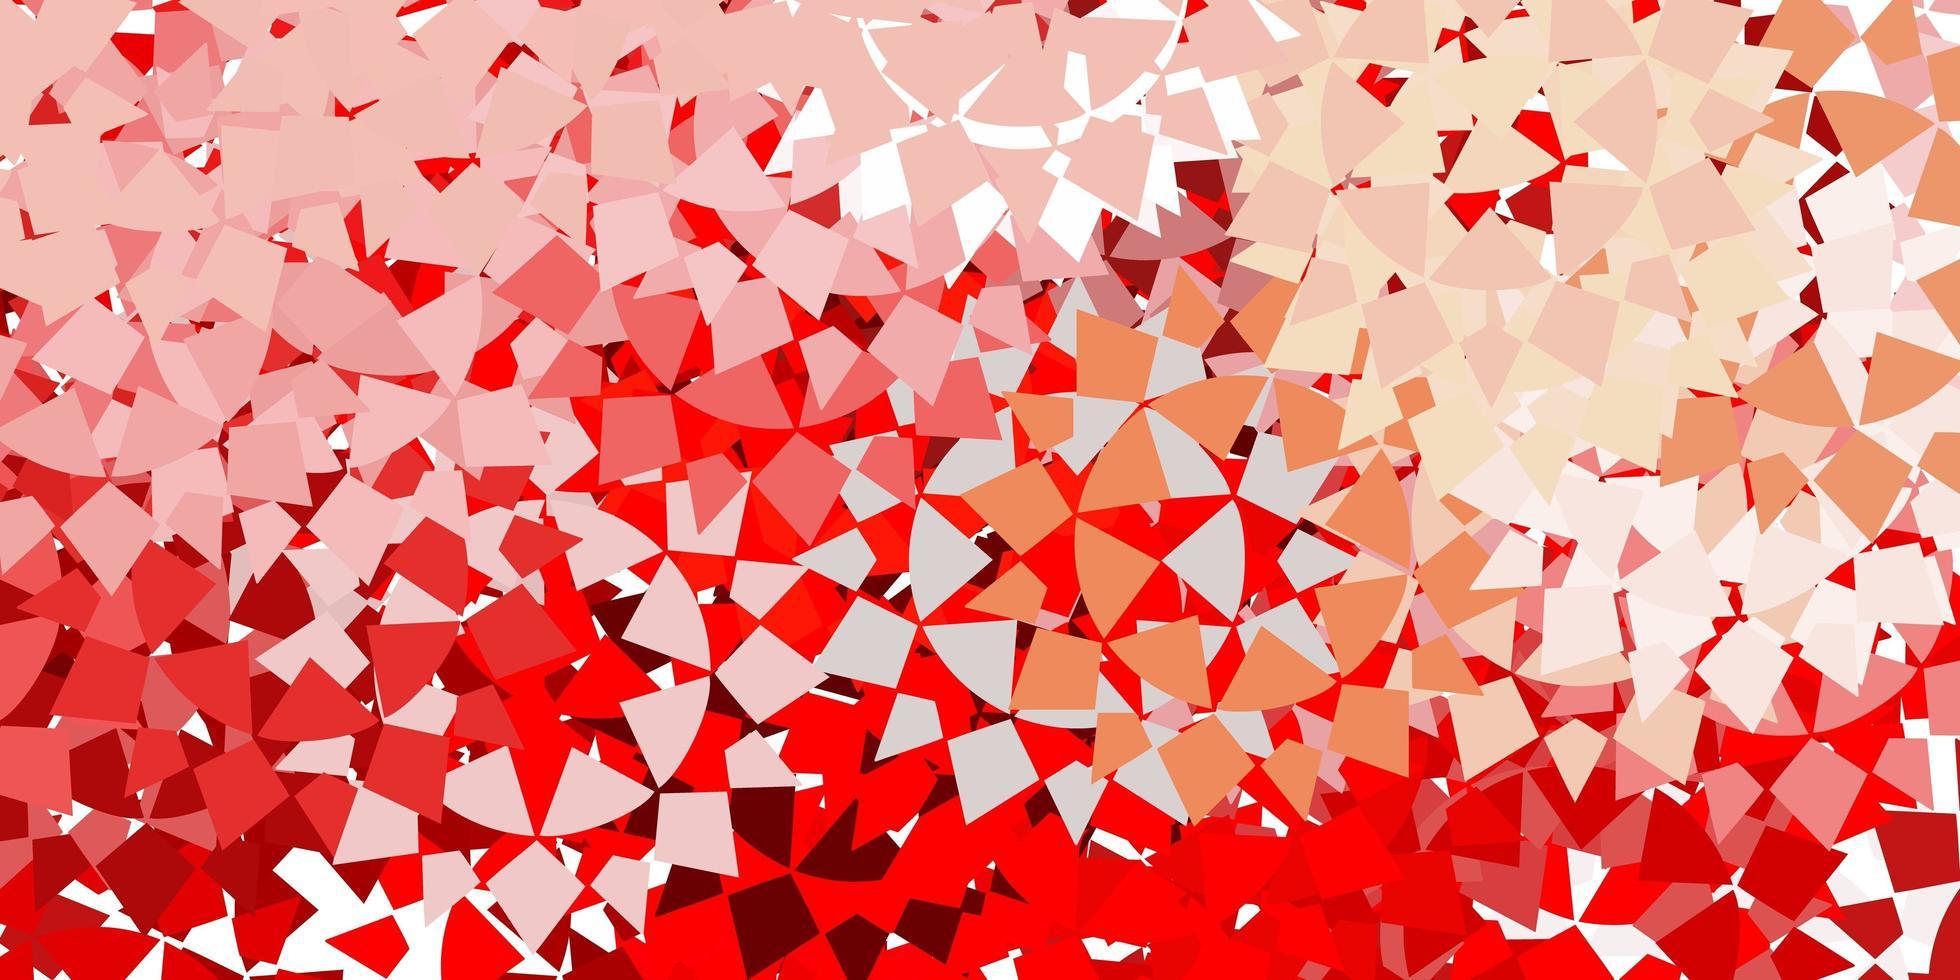 trama rossa con stile triangolare. vettore